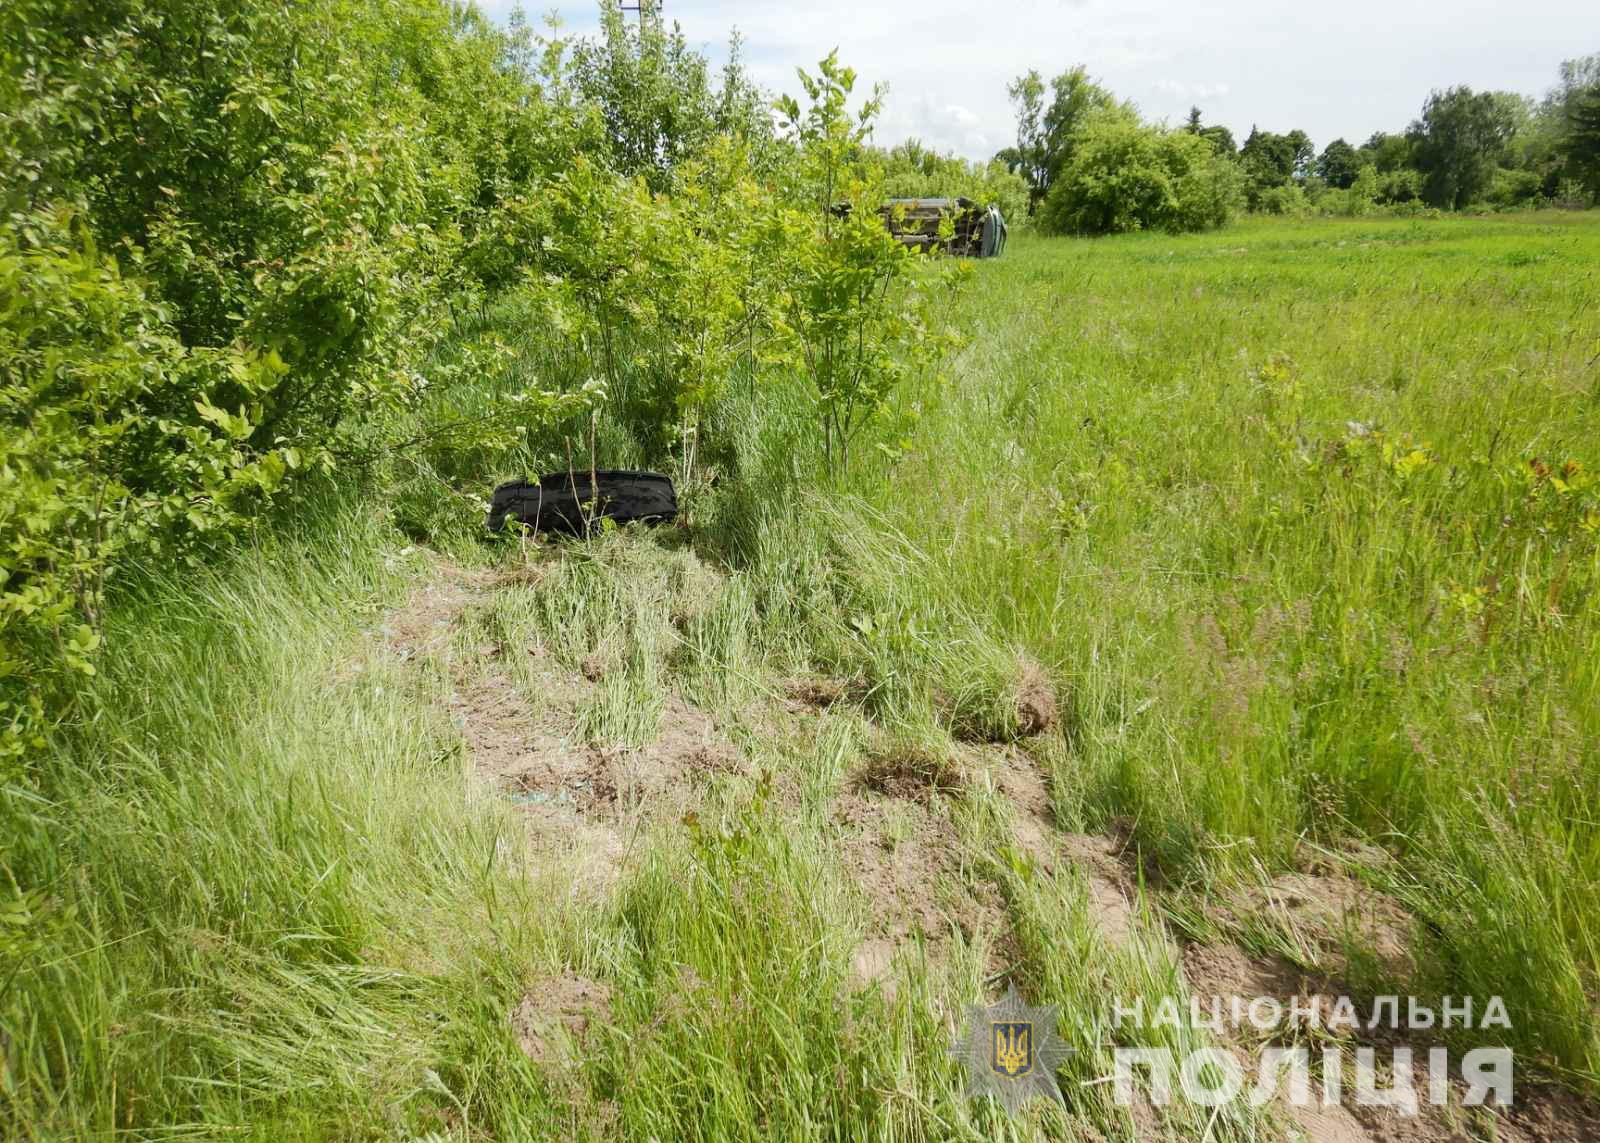 У Володимир-Волинському районі поліцейські з'ясовують обставини автопригоди, в якій постраждало двоє людей